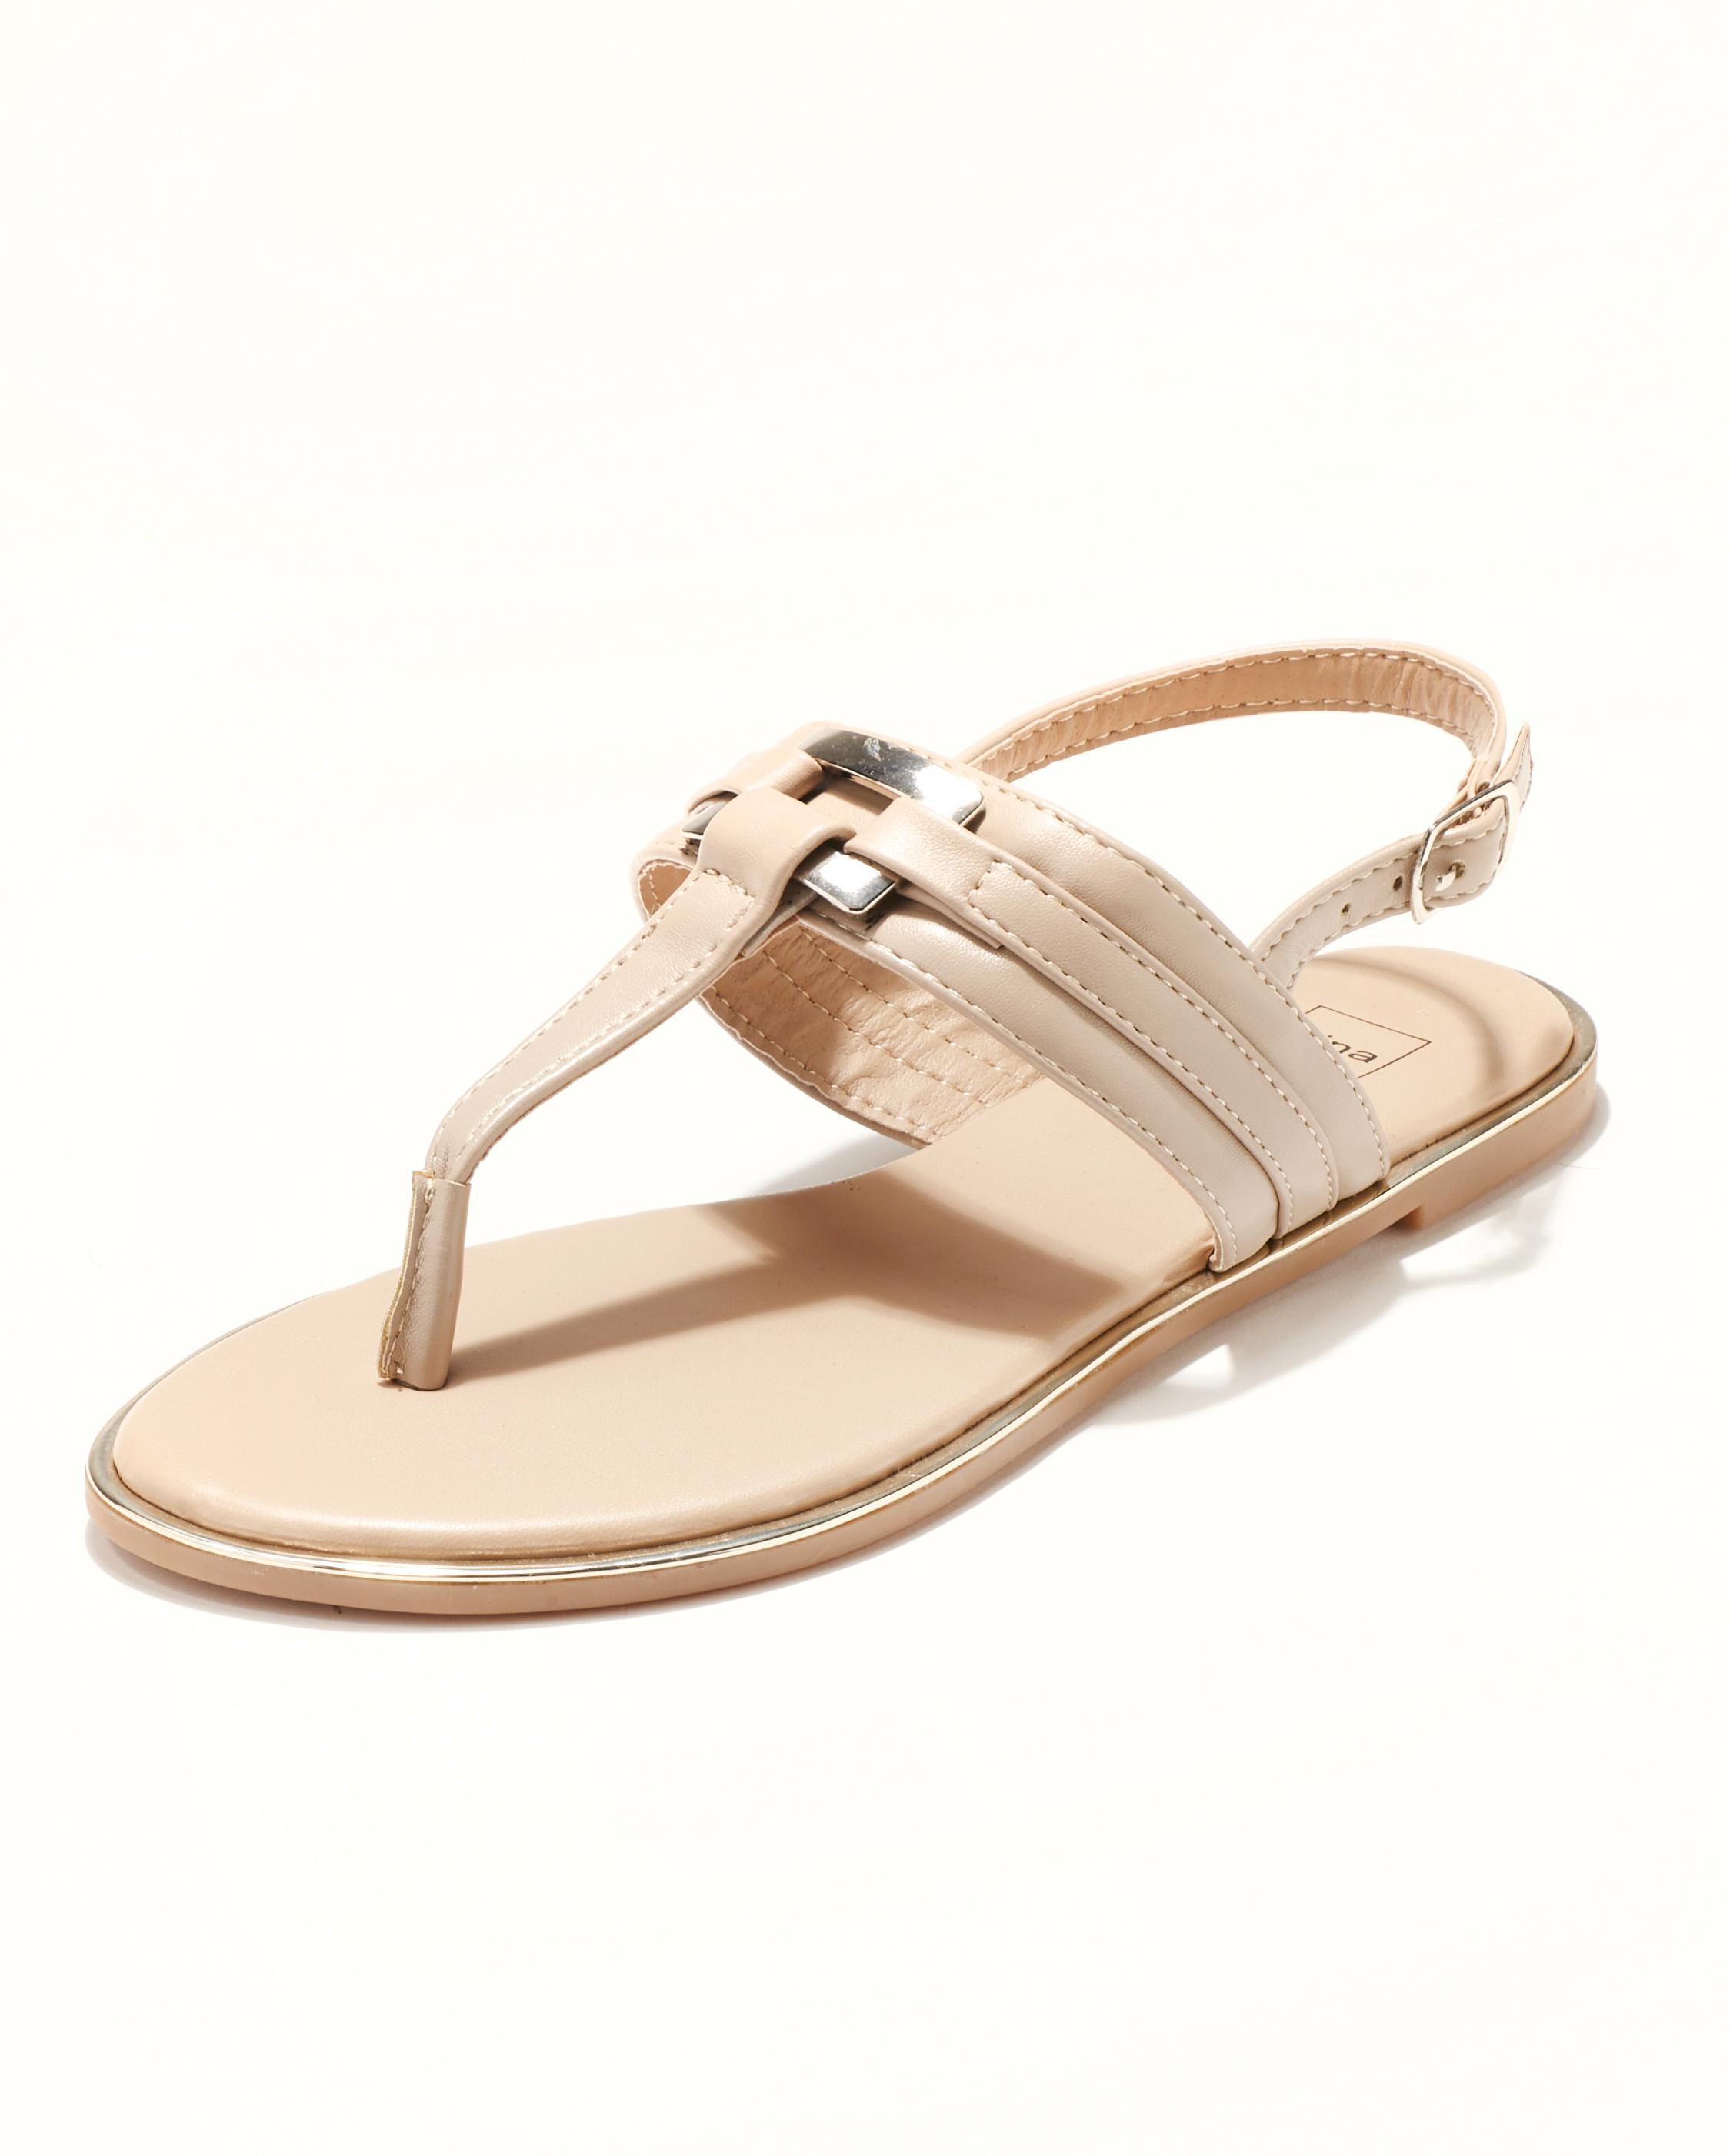 Sandales Plates Femme - Sandale Plate Nude Jina - Fs071470